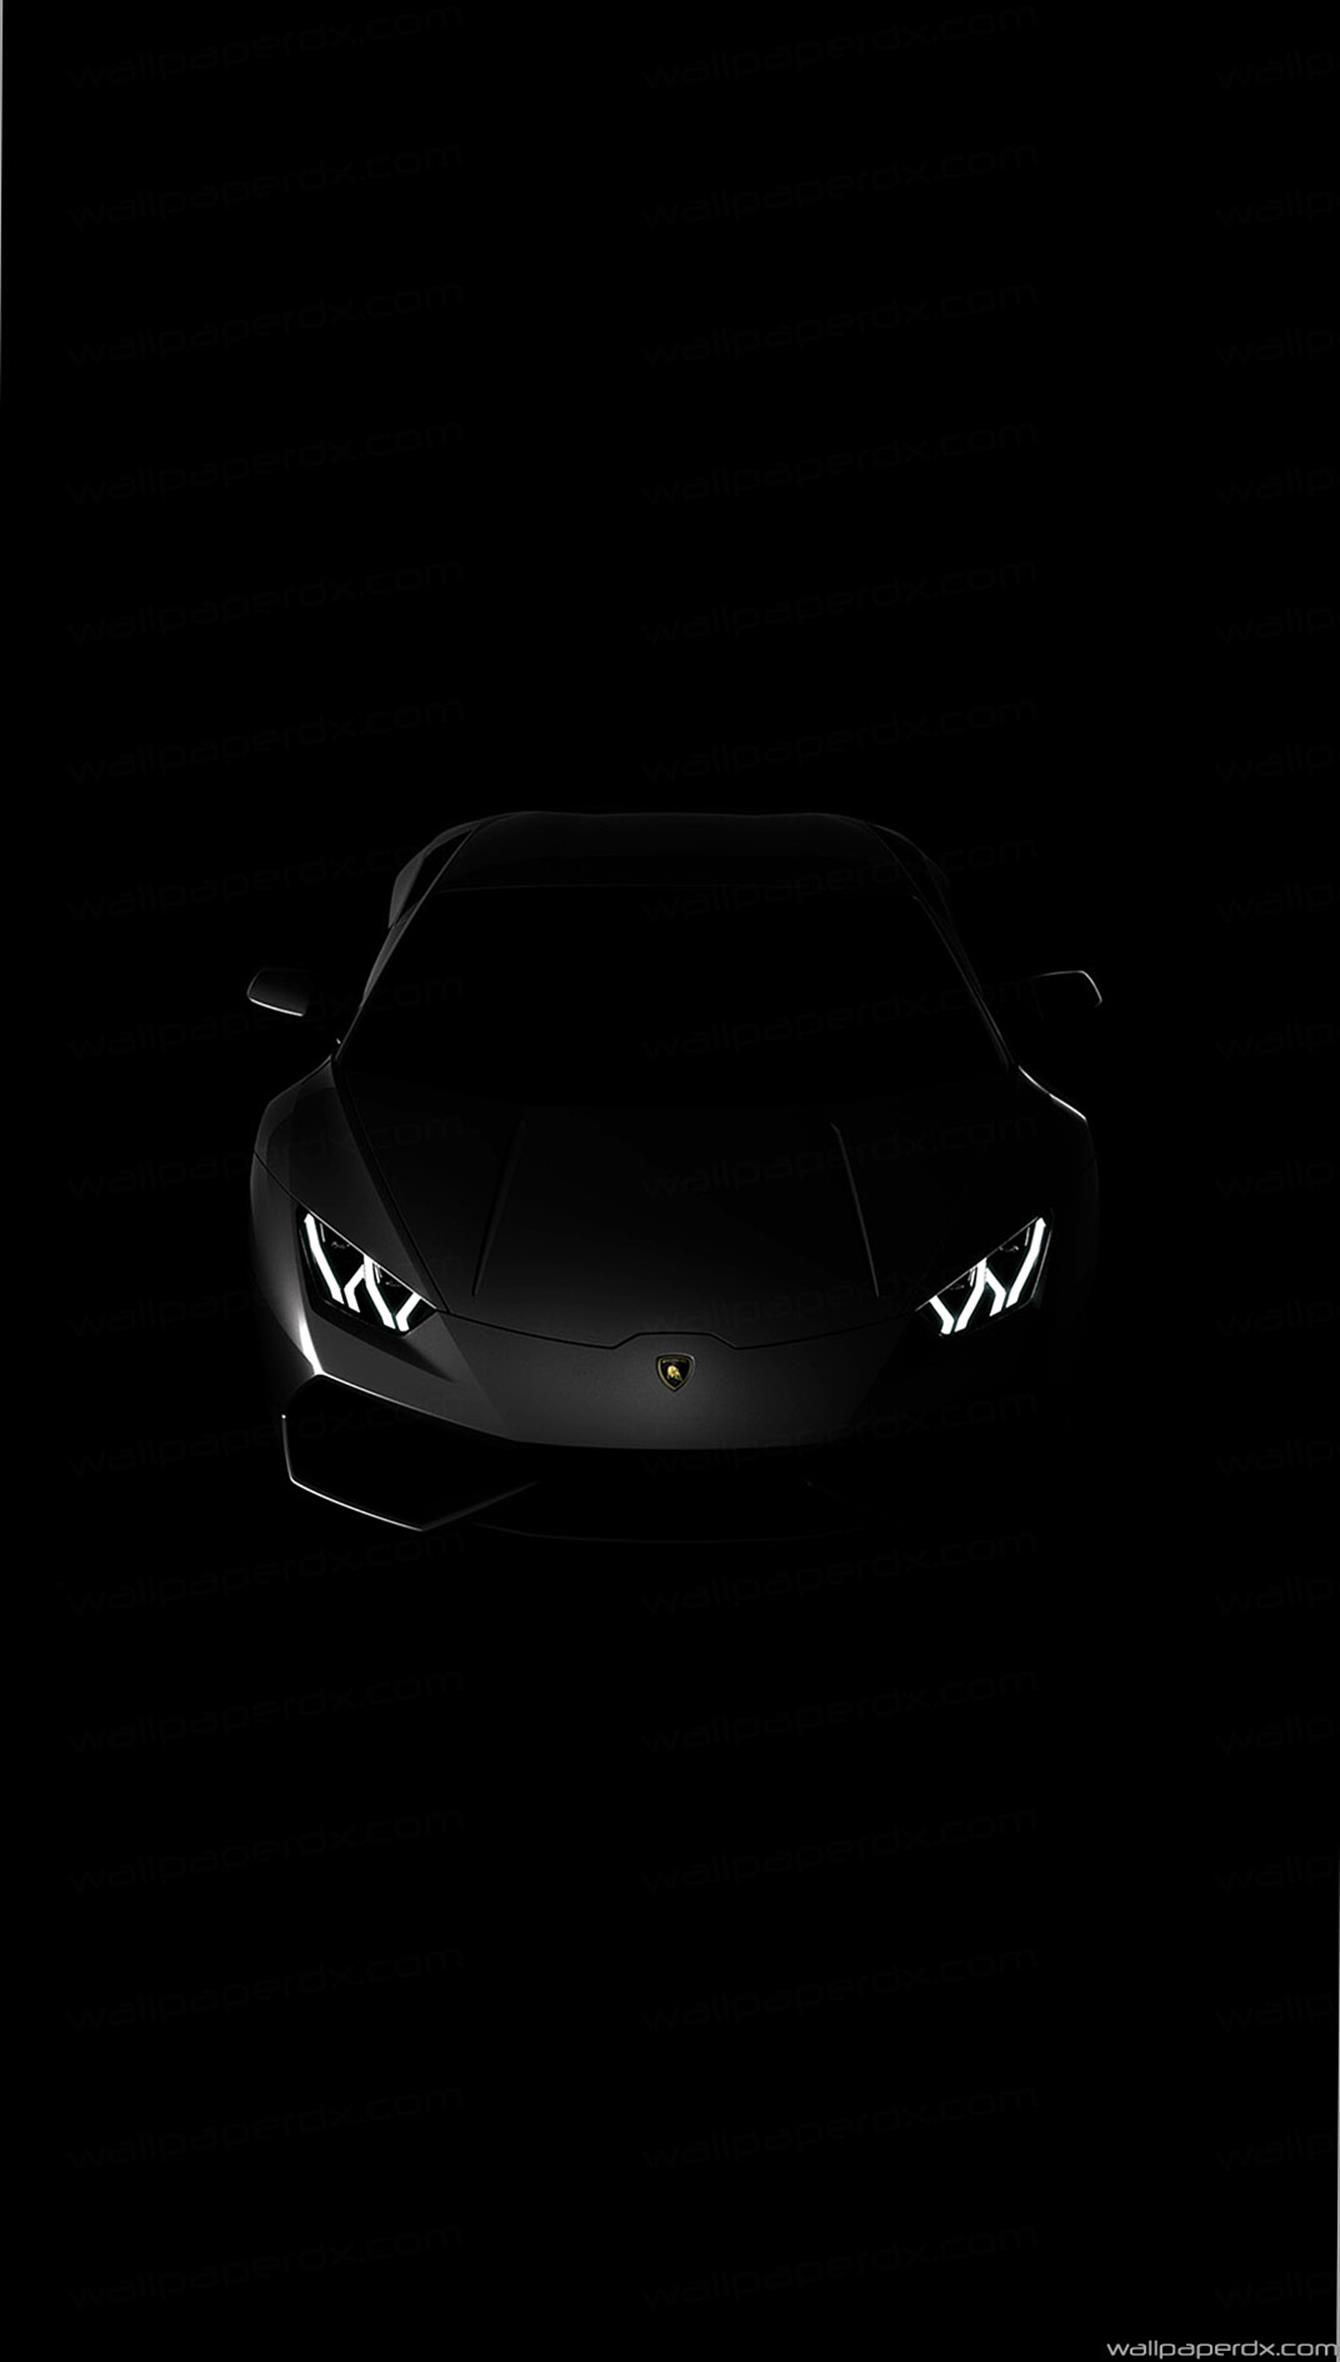 Lamborghini Huracan Lamborghini Matte Black Cars